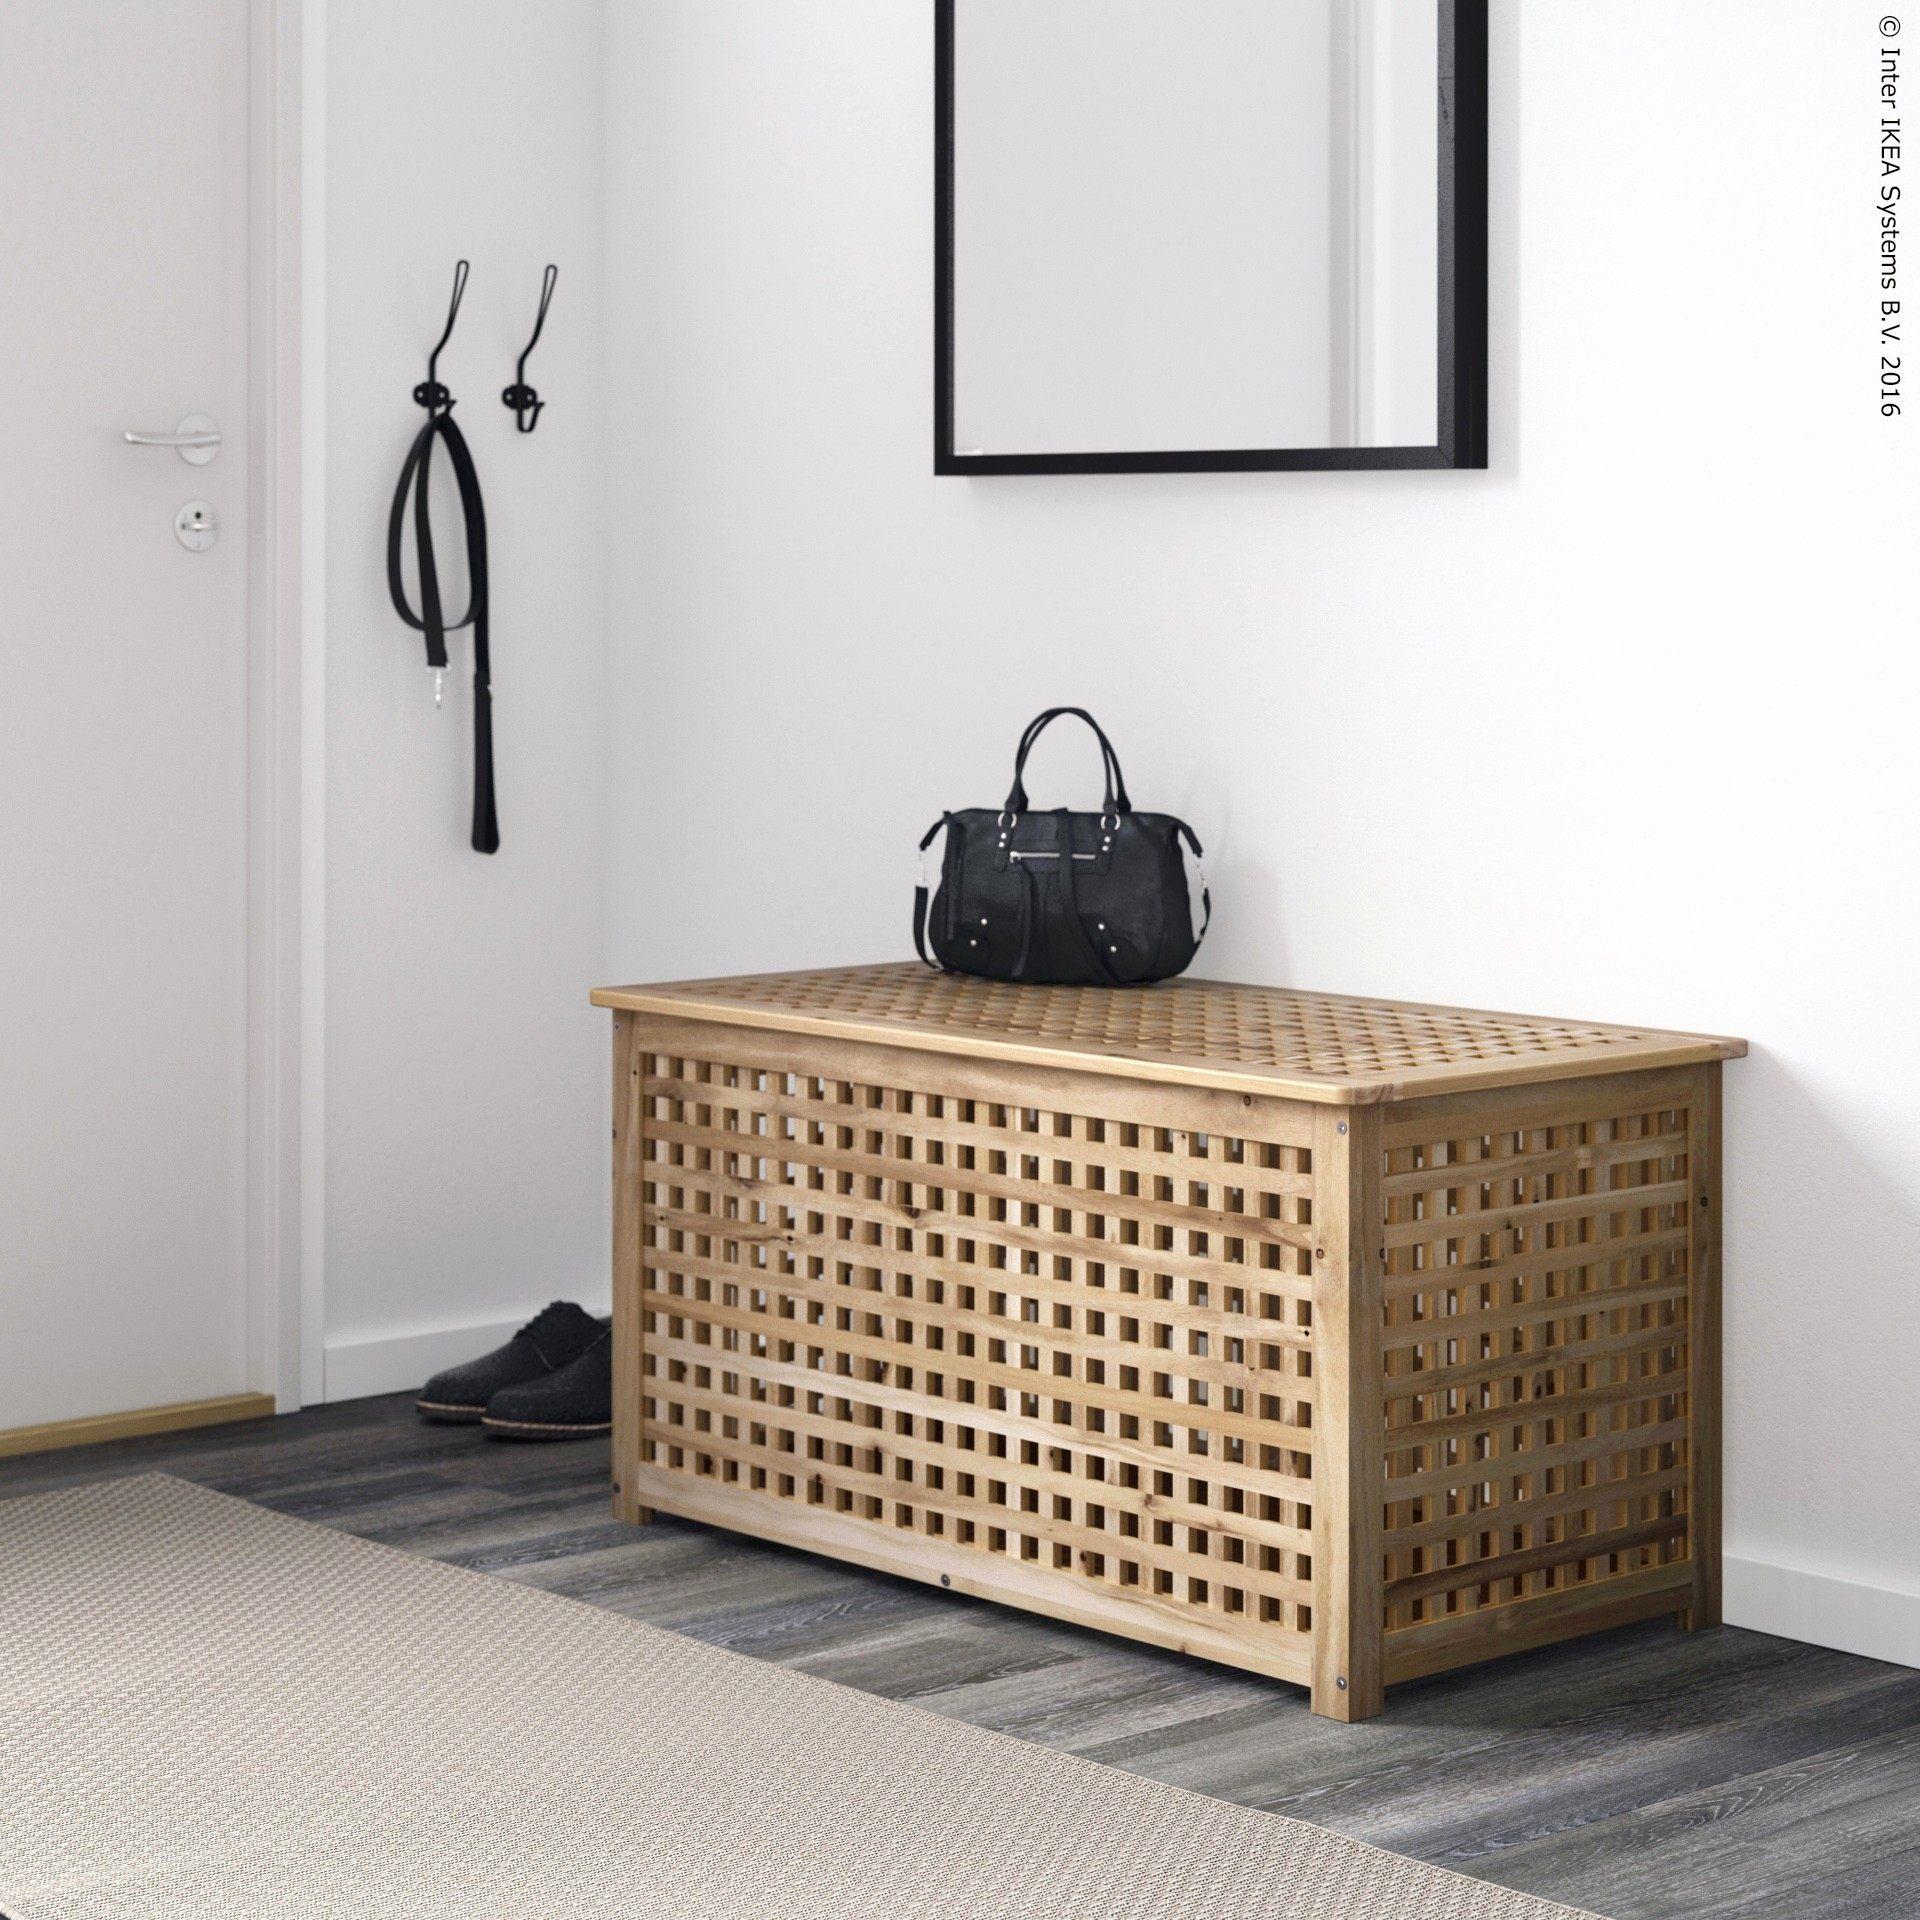 Bout De Lit Ikea Inspiré Banc Bout De Lit New Coffre Banc Ikea Charmant Fabuleux Banc Bout De